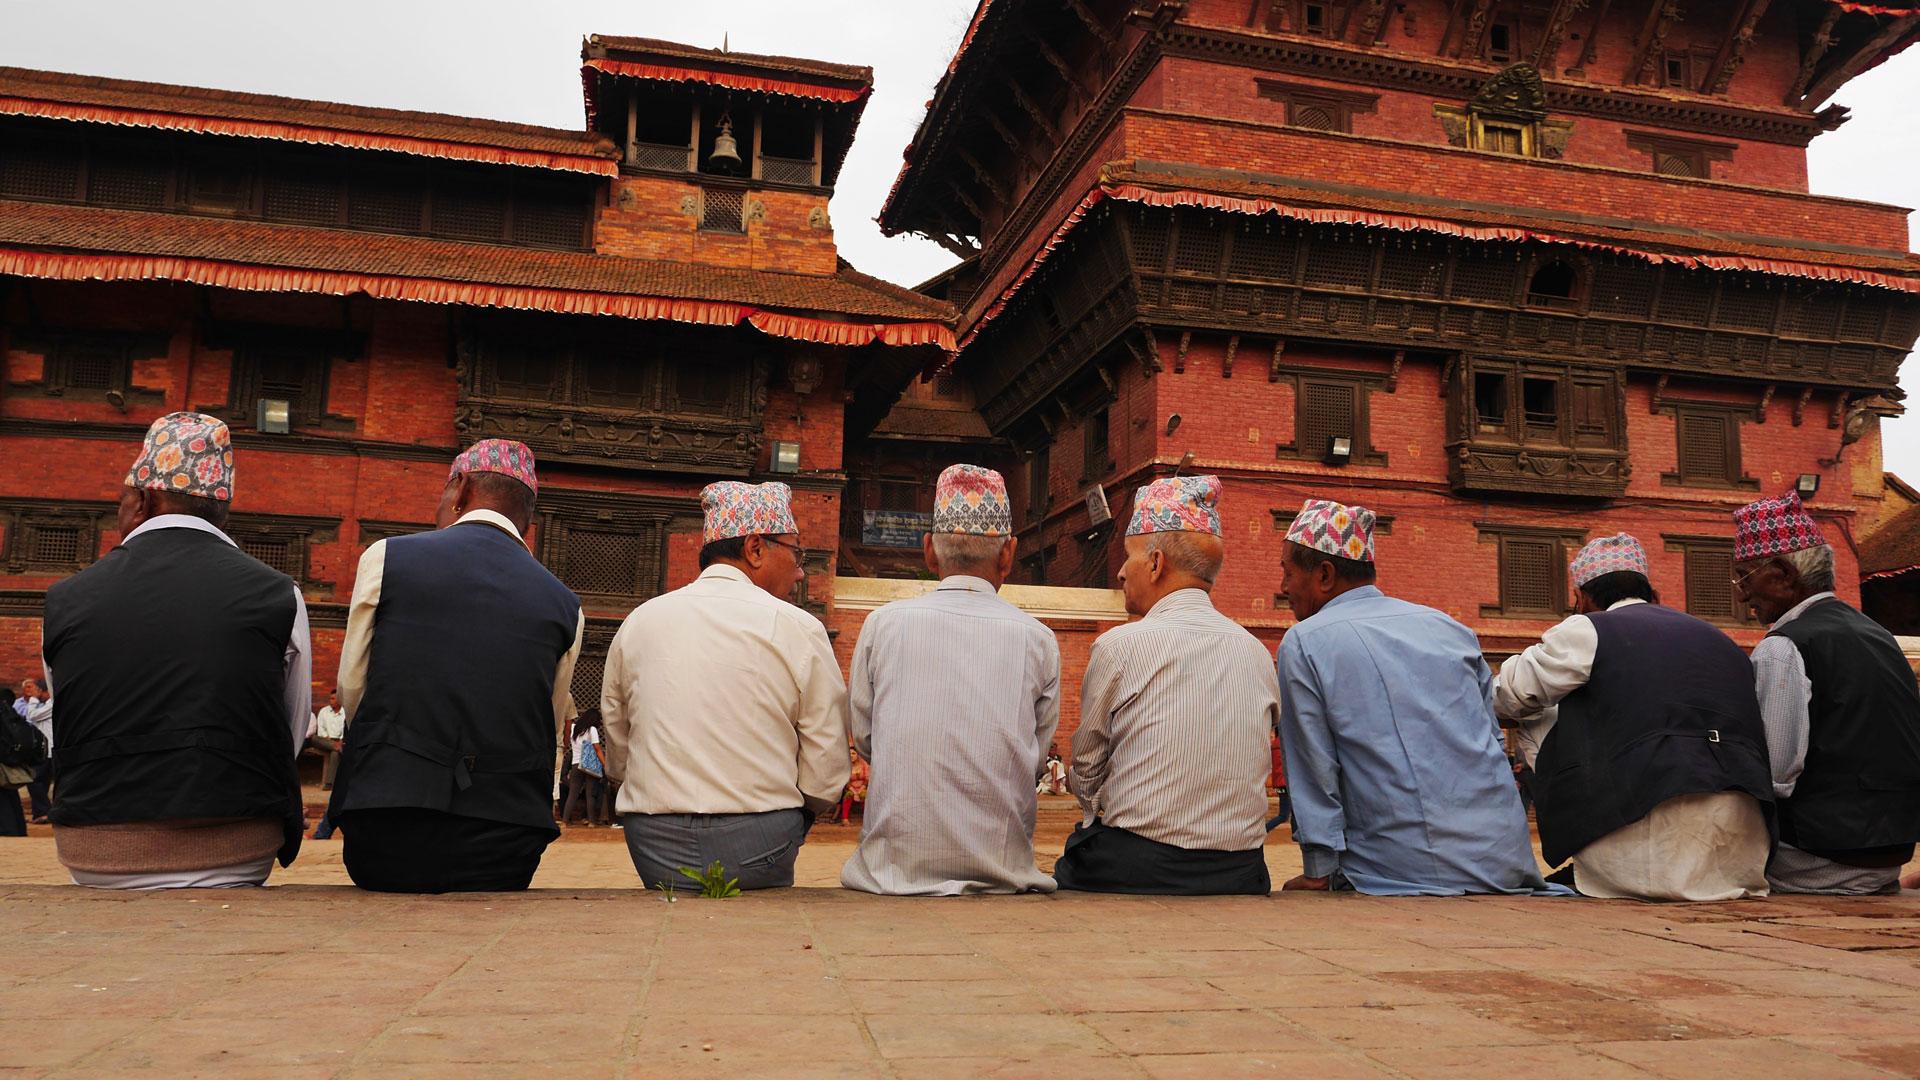 Nepal_05_Patan-Durbar-Square-Latitudes-Vagabondes